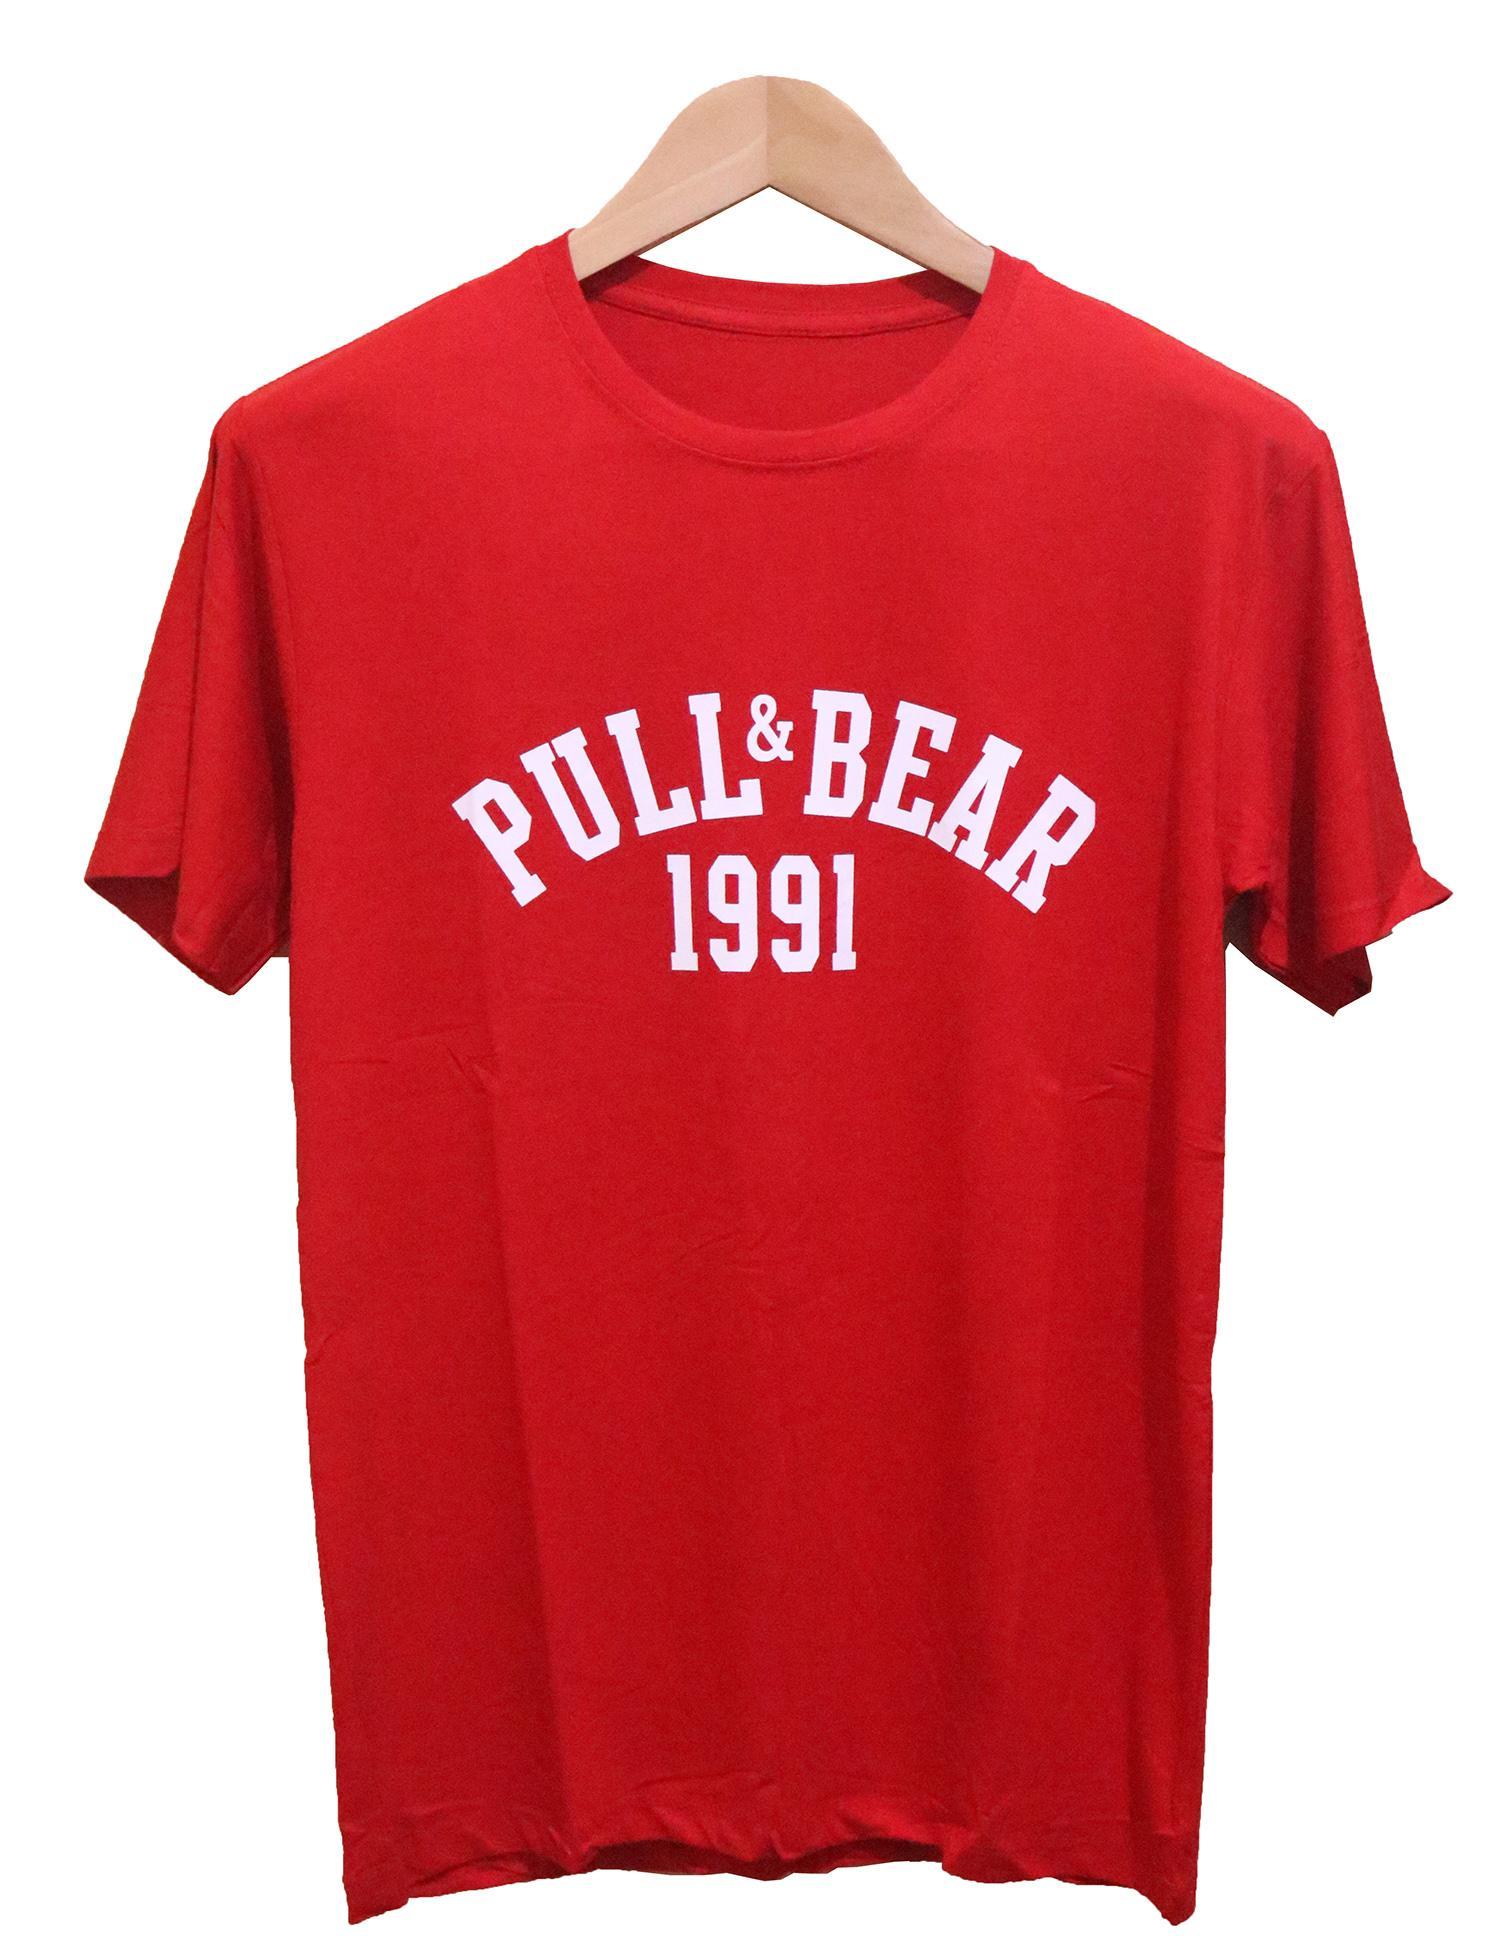 ... T-Shirt Pria Anime Premium Pull & Bear Merukapan kaos yang berkualitas branded, nyaman dipakai di saat kapanpun dan di mana pun berada, jahitan yang ...